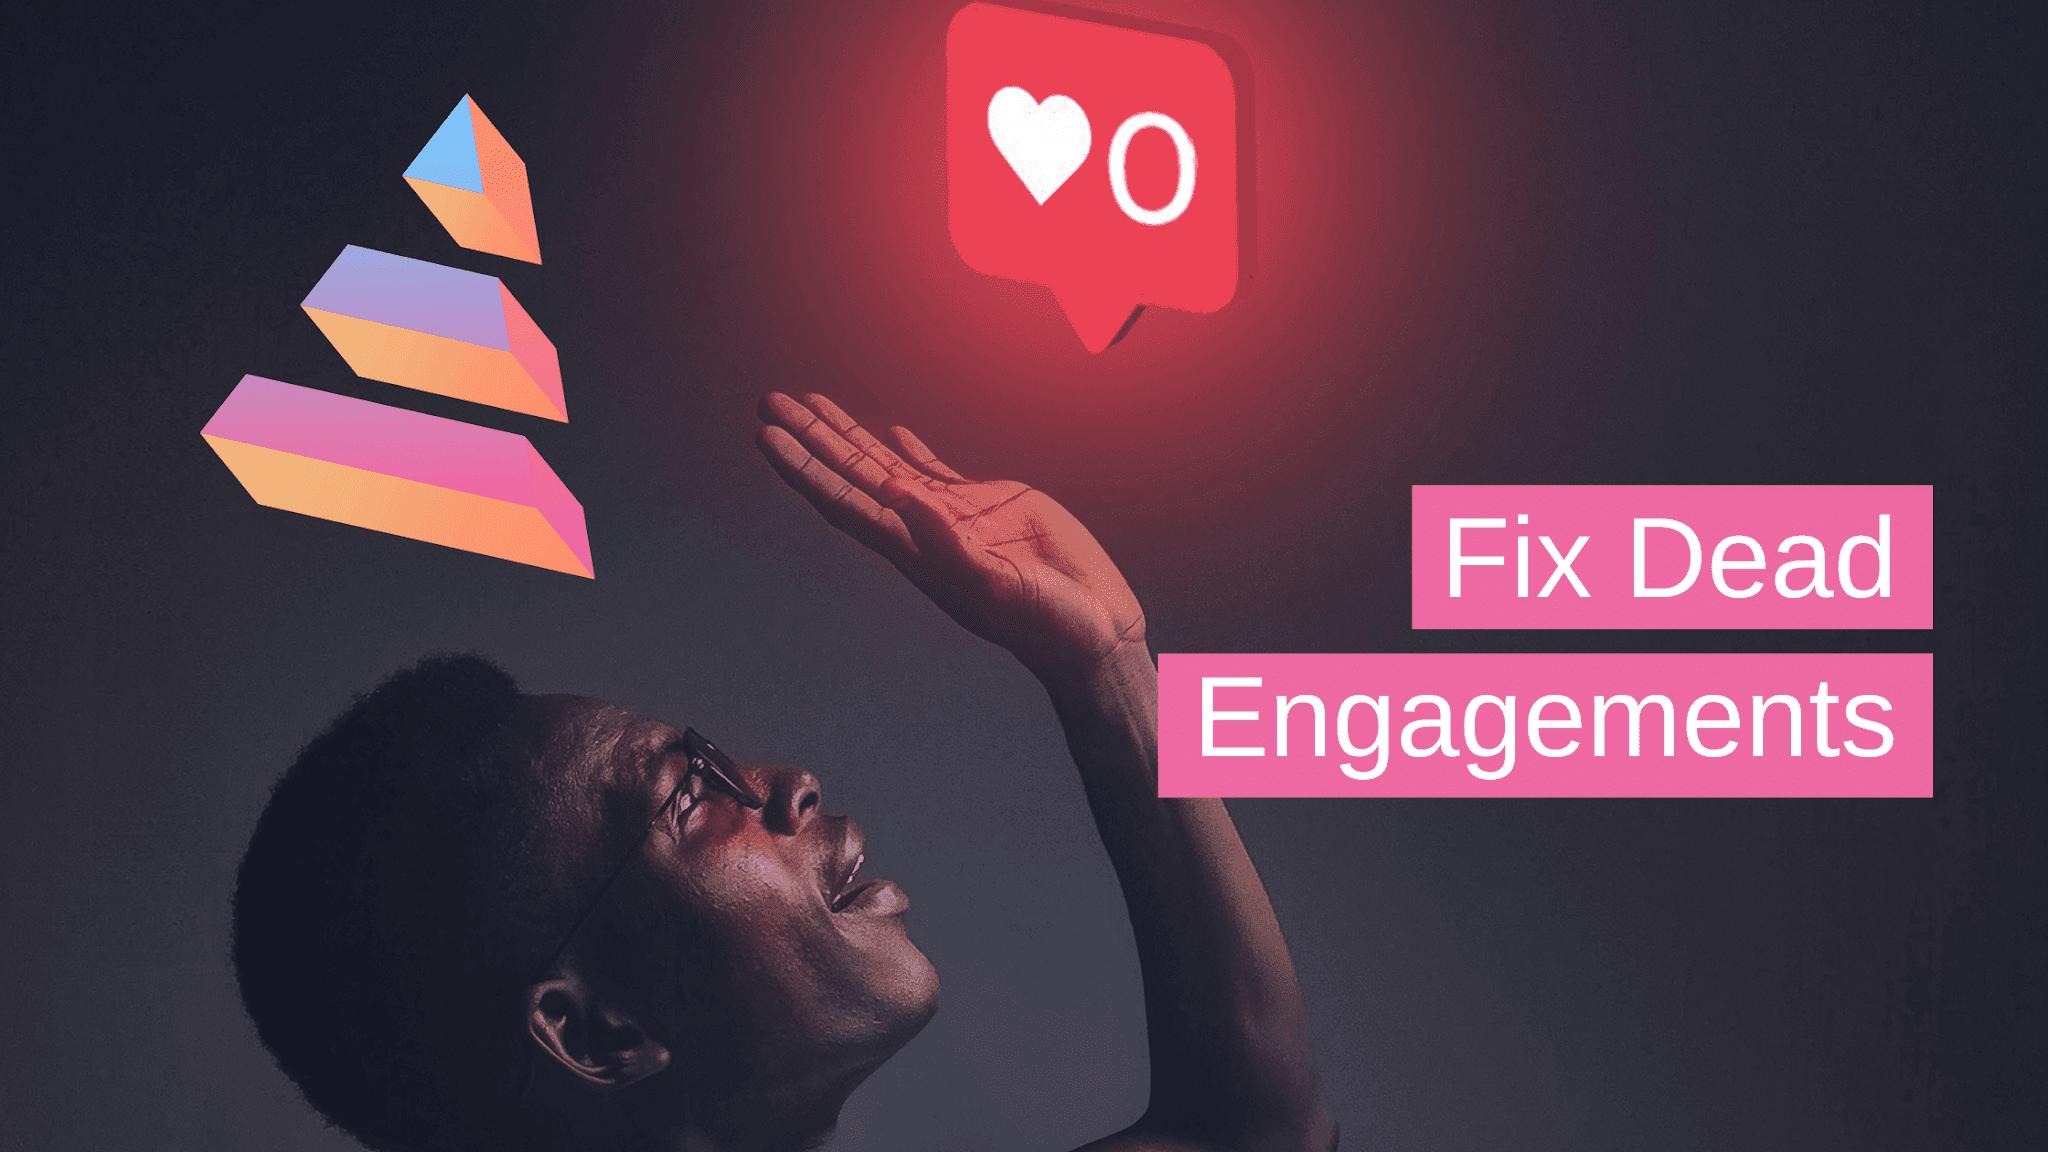 Fix Dead Instagram Engagement Rate